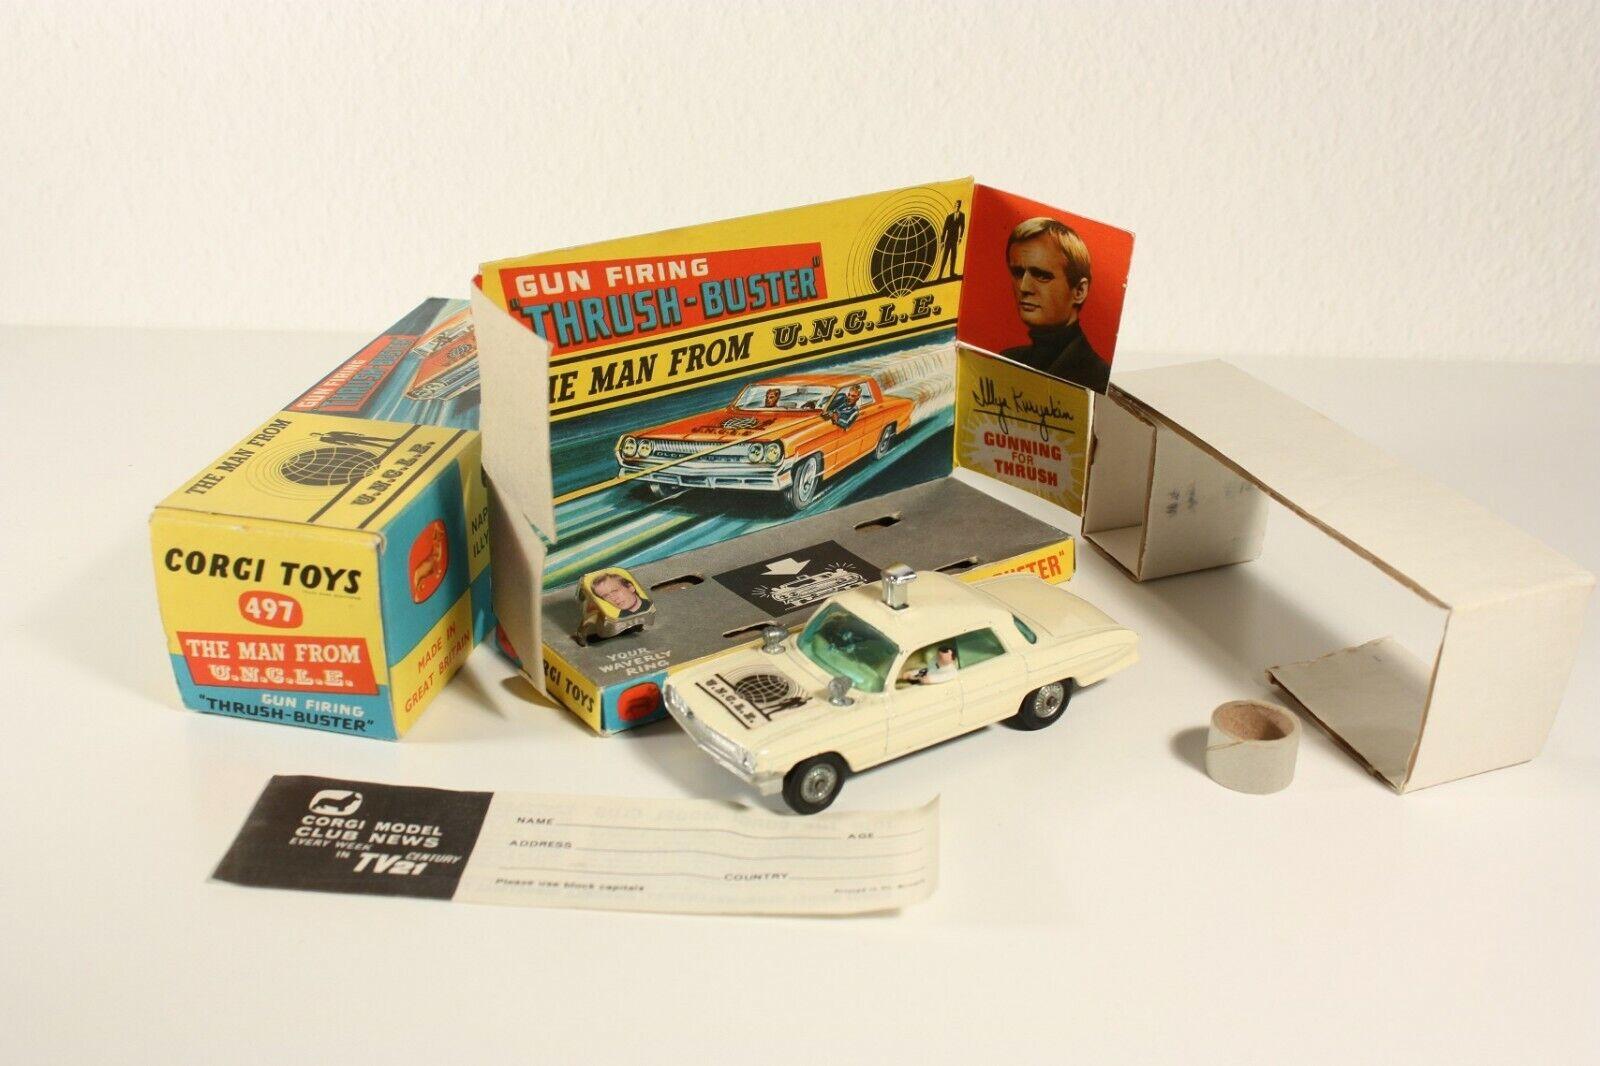 goditi il 50% di sconto CORGI giocattoli 497, The uomo from U.N.C.L.E., rare versione, versione, versione, Mint in scatola  ab2294  vendita online